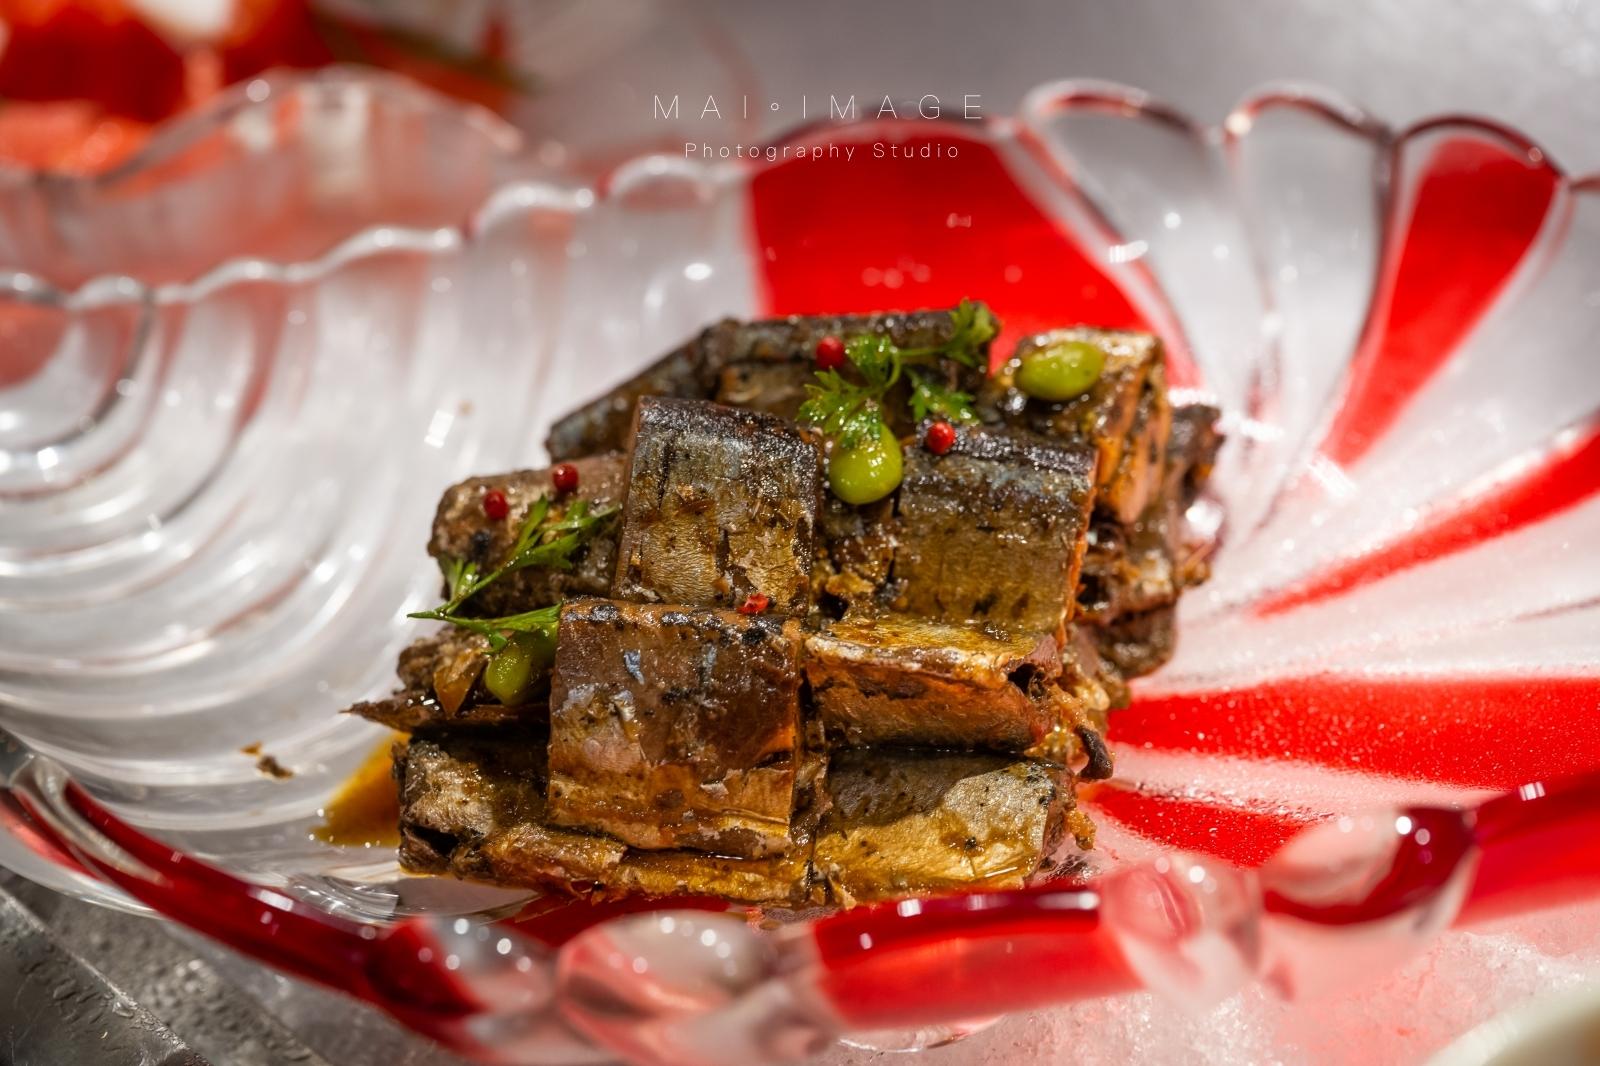 入秋了~『食慾之秋』該是大啖秋季美食的時候!欣葉日本料理推出全新秋季菜色,很有誠意的牛肉料理肉肉控不要錯過。